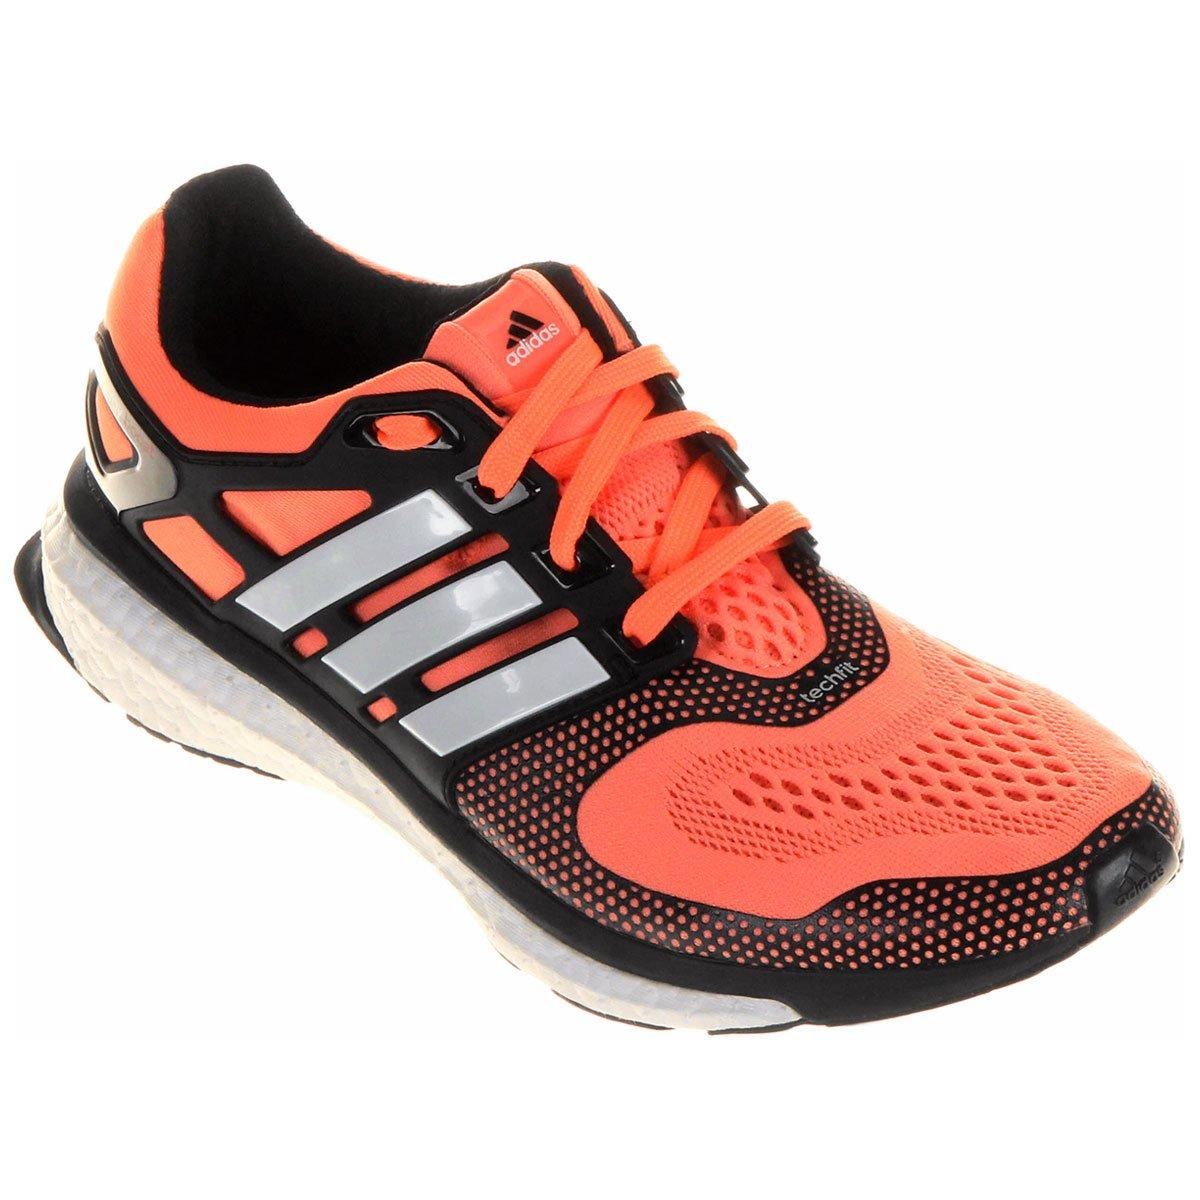 Energy Netshoes Boost Agora Adidas Esm Feminino Compre Tênis Rw50EqF 7a2c8d3f7e89f